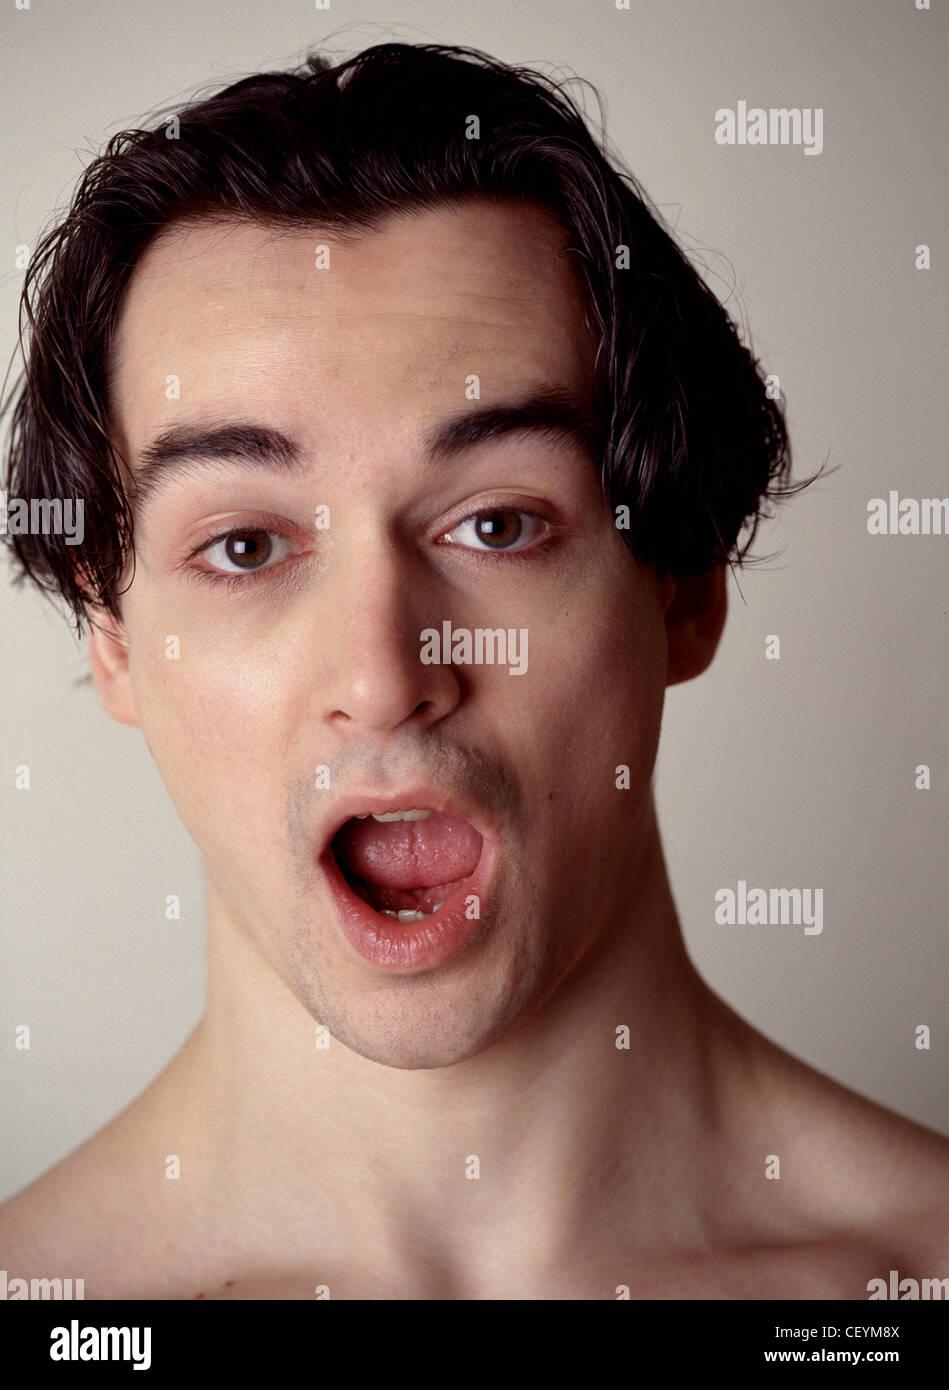 Männliche Mittellange Braune Haare Schwere Augenbrauen